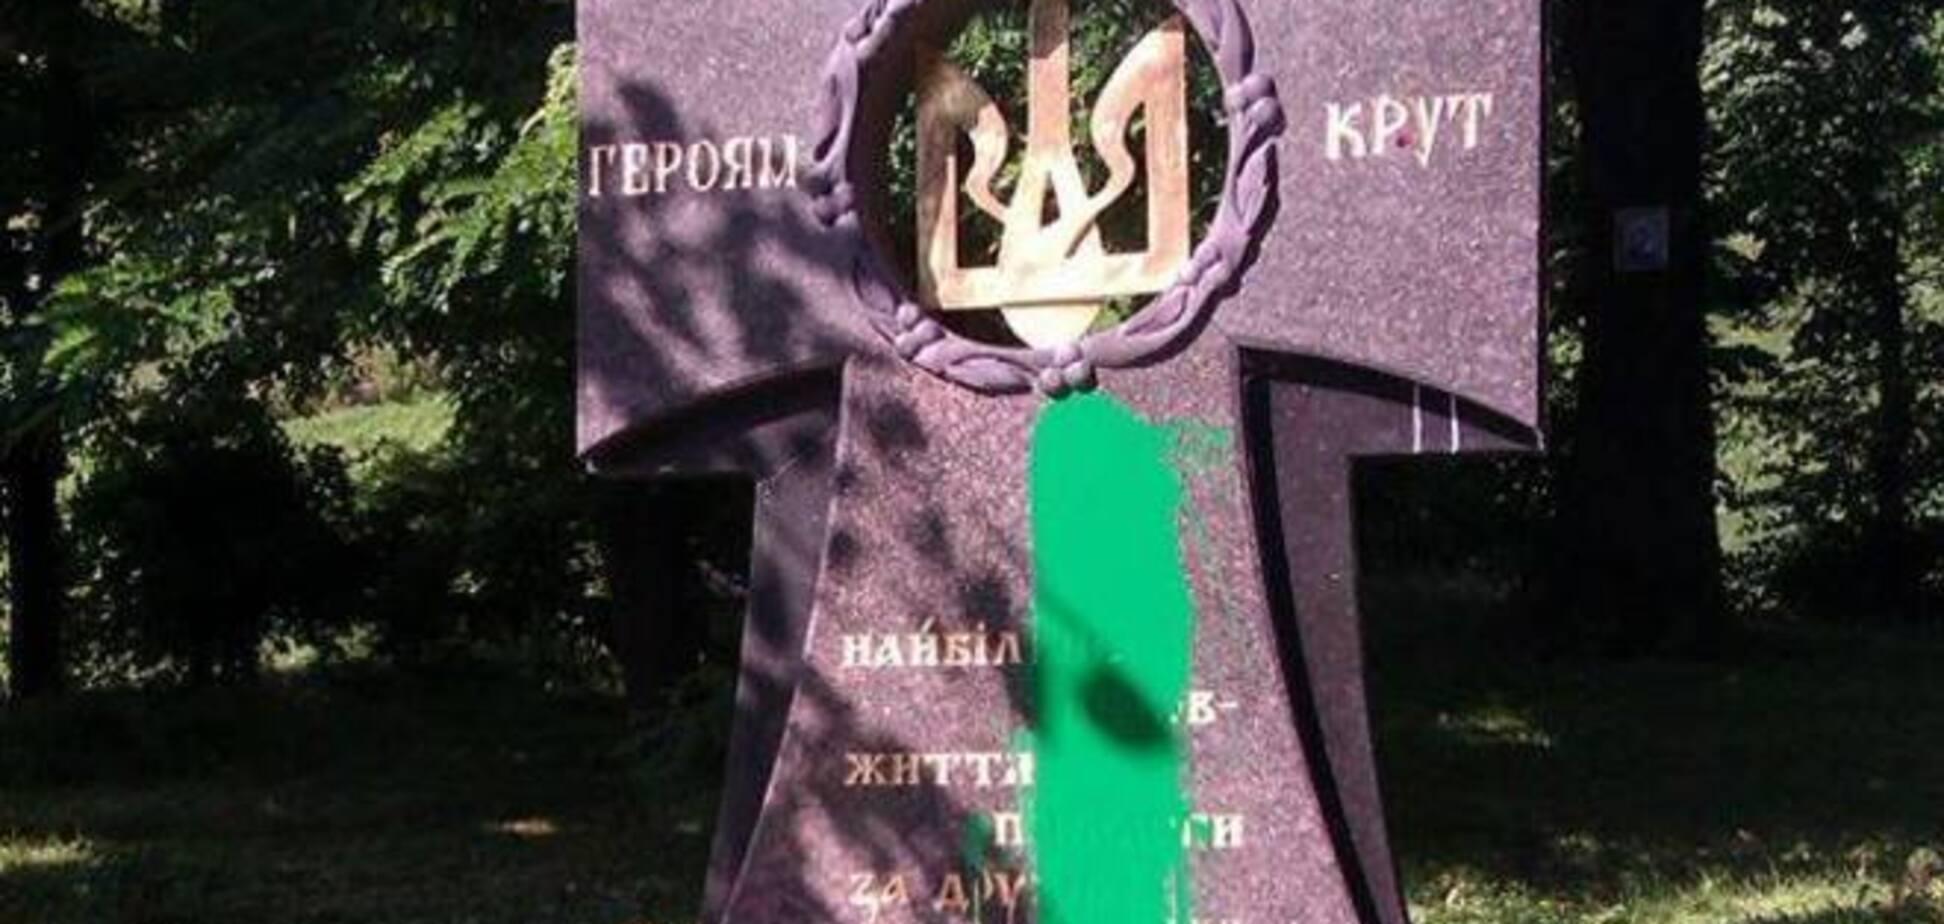 Памятник Героям Крут в Киеве облили краской